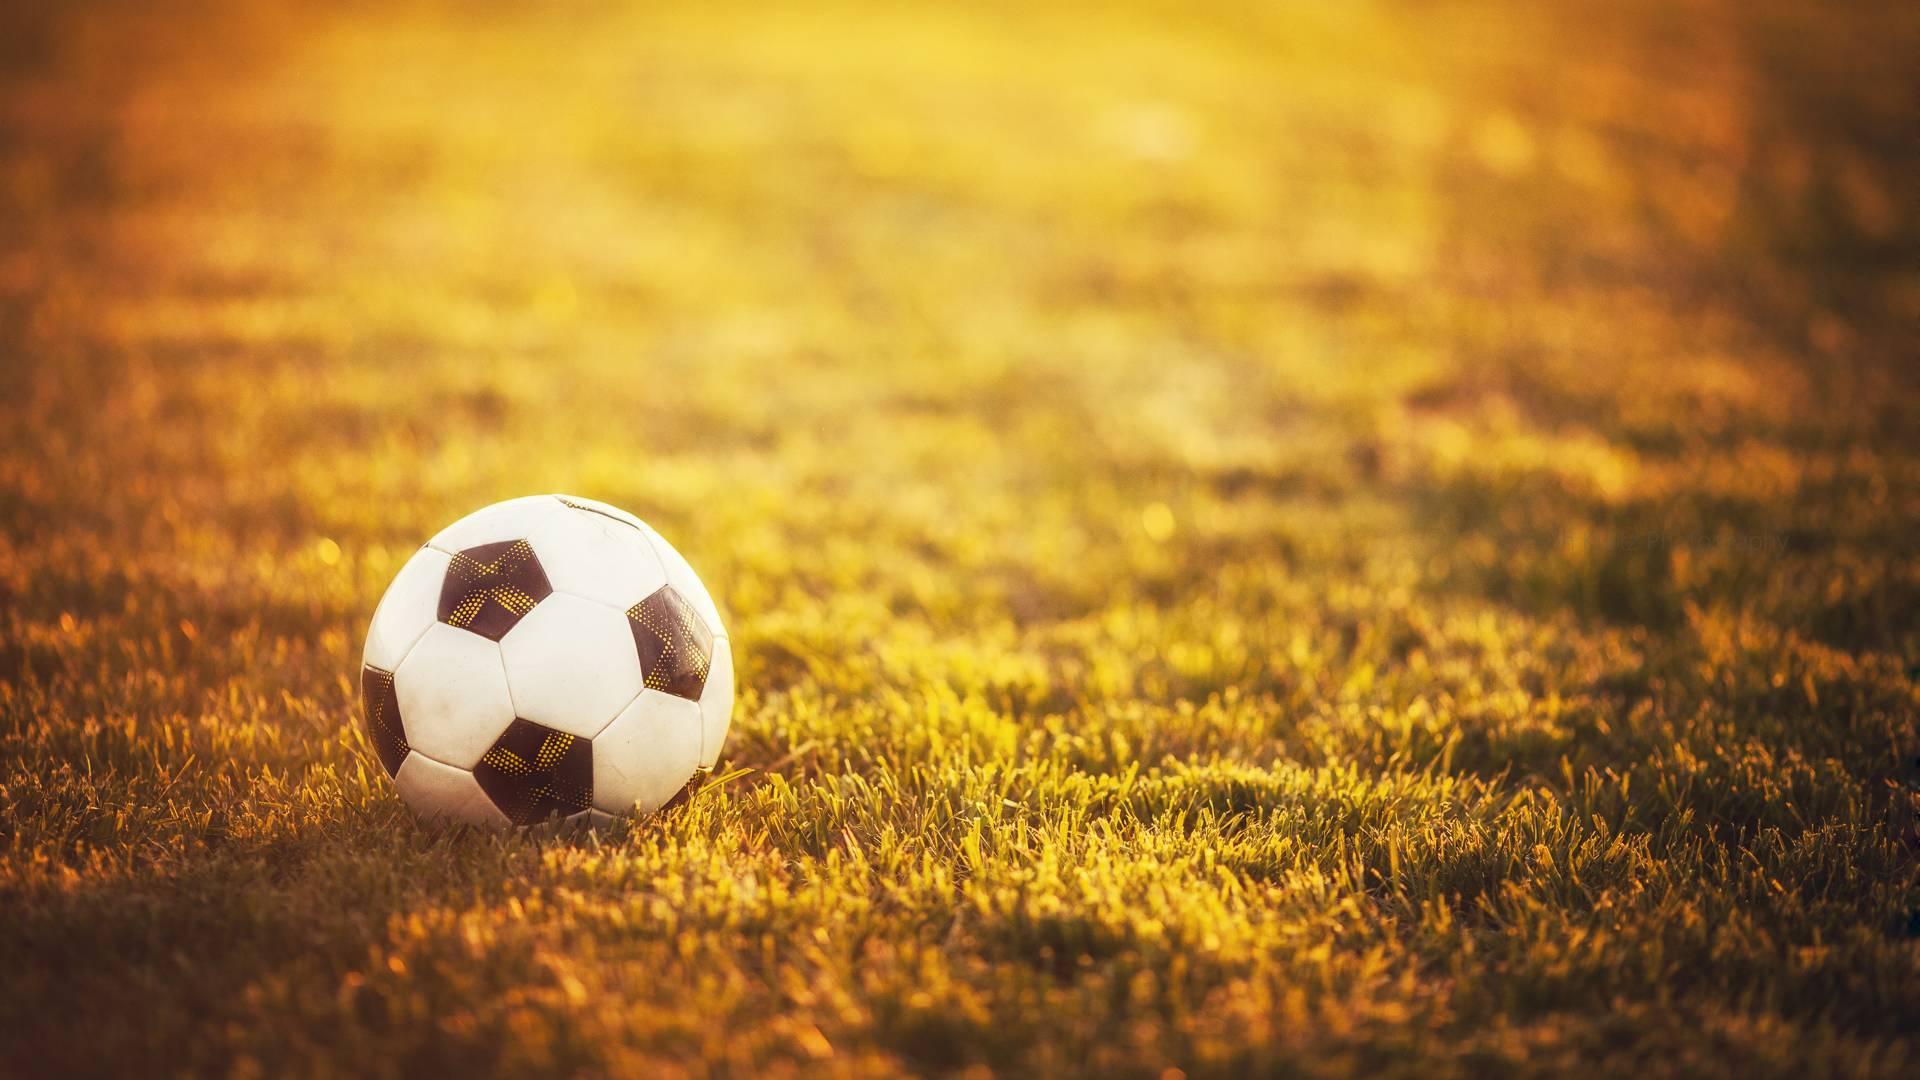 Обои футбольный мяч, поле, трава, футбол